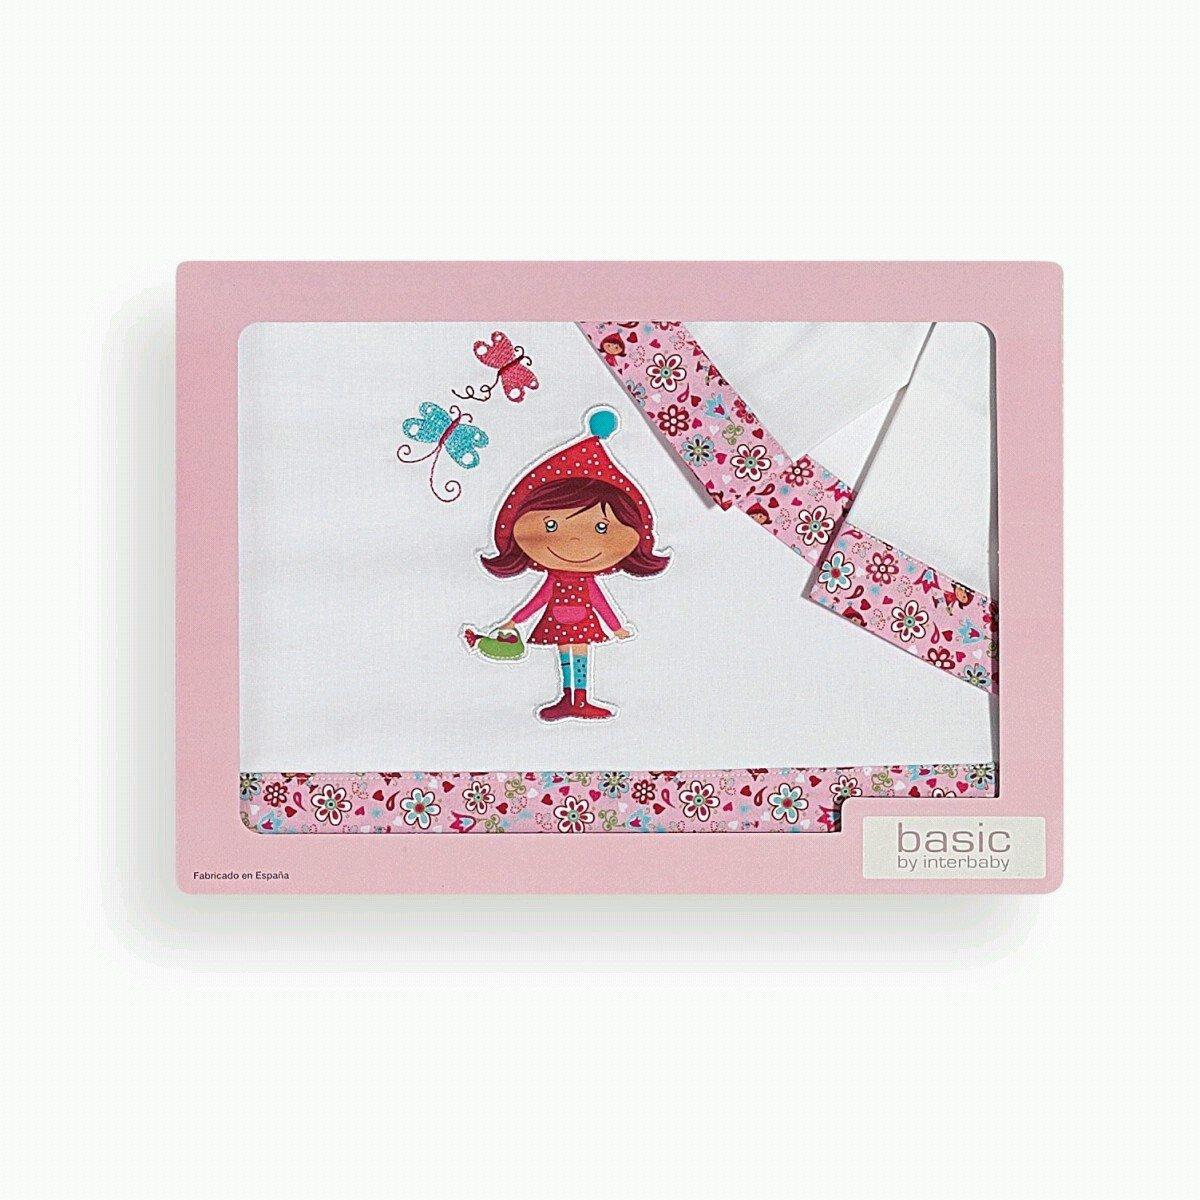 couleur blanc et rose Parure de draps pour berceau /« Le petit chaperon rouge /»